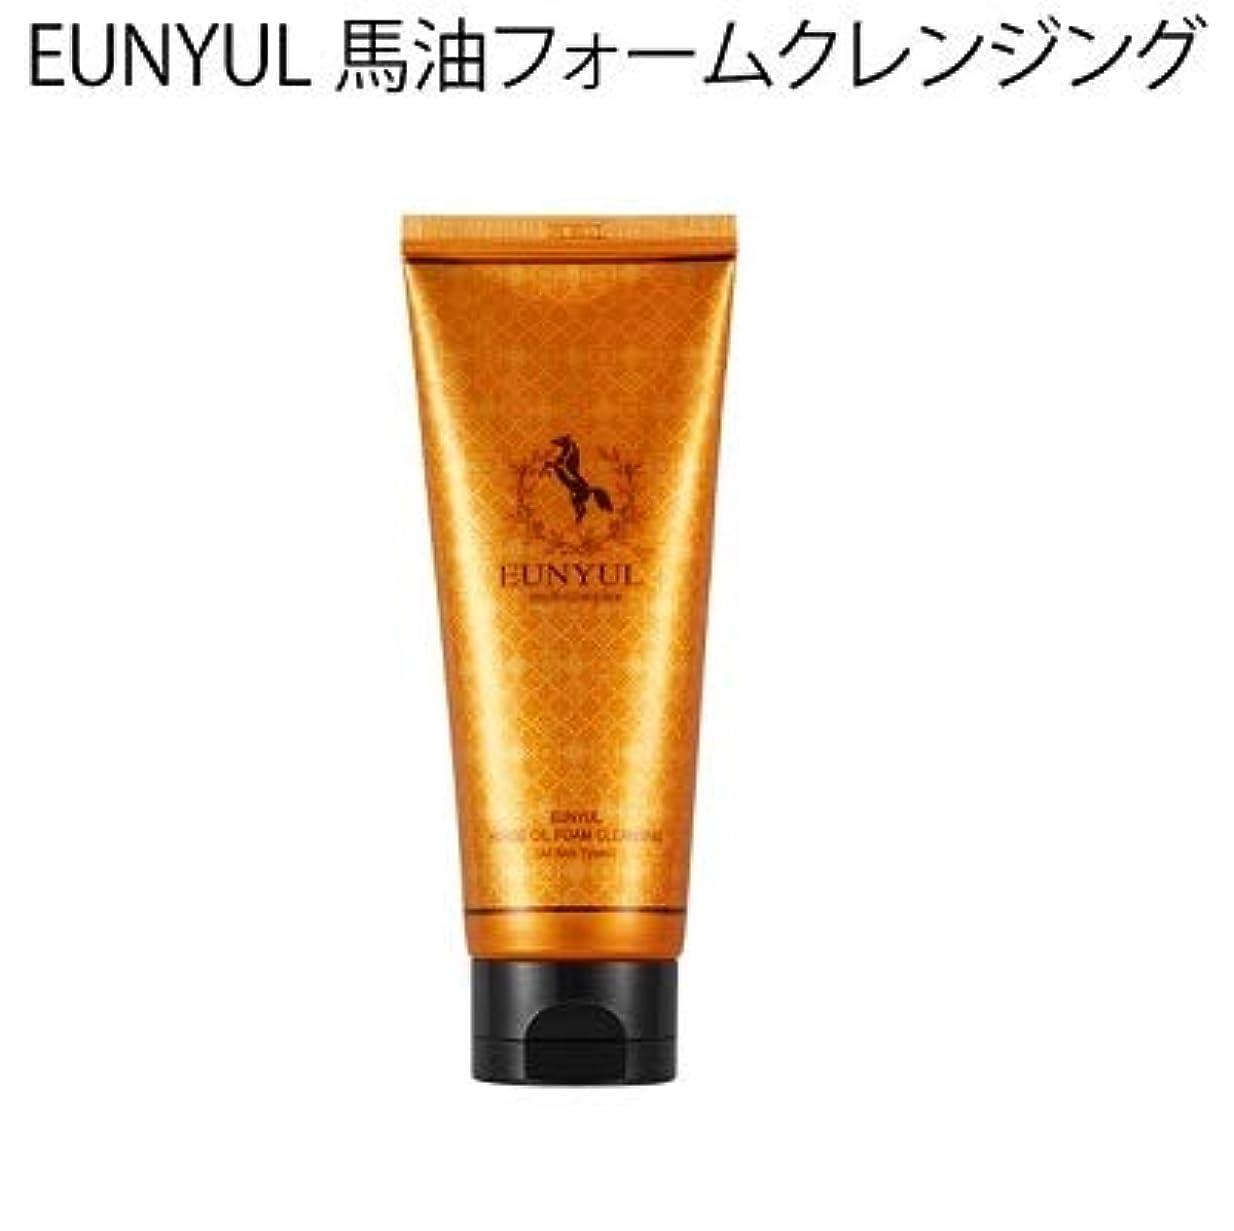 したい規範排除する韓国 EUNYUL 馬油フォームクレンジング 洗顔フォーム(150ml)